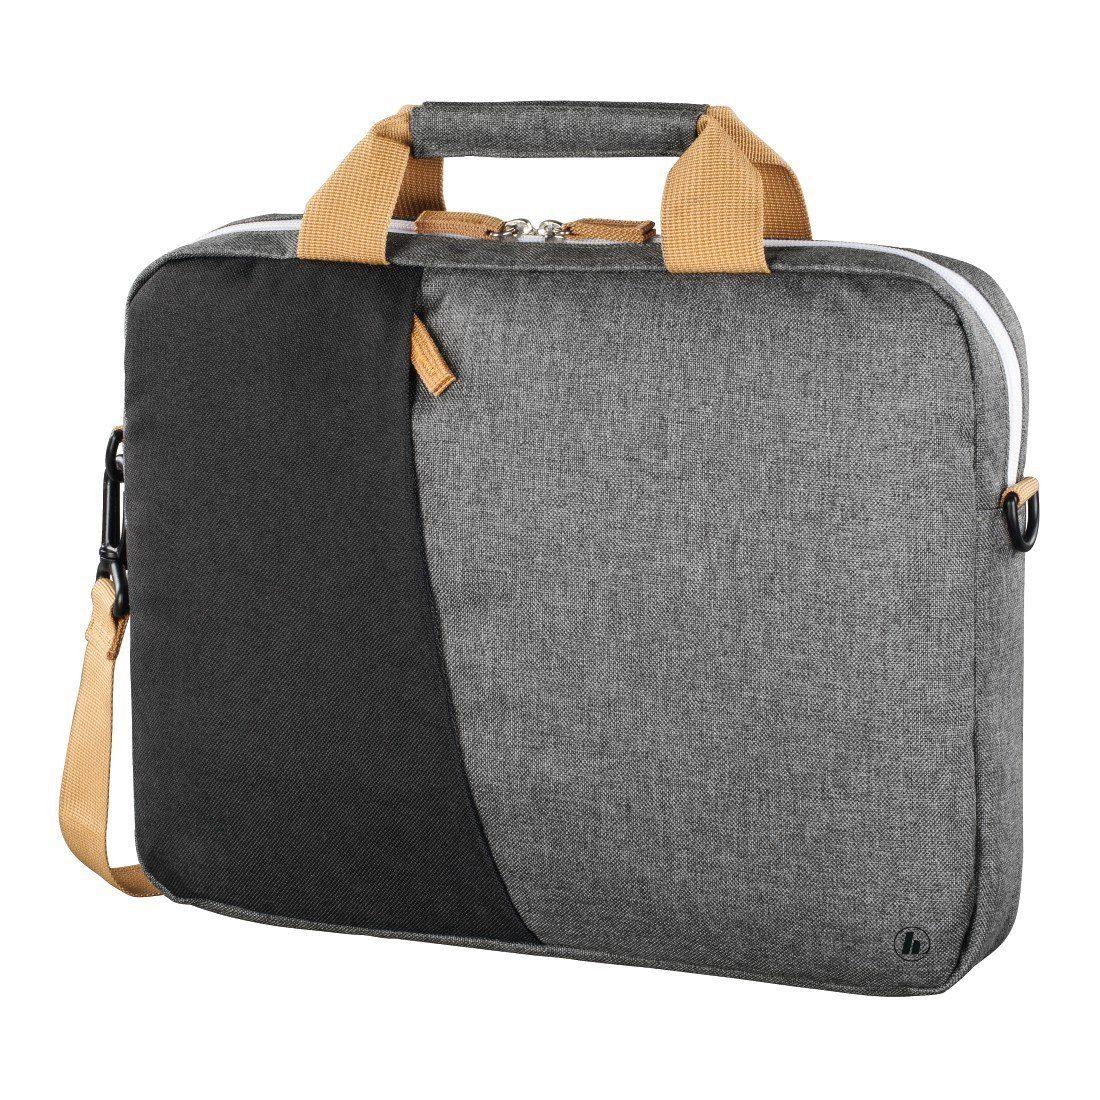 9a9548c3e26ba Schwarz Laptoptasche Preisvergleich • Die besten Angebote online kaufen